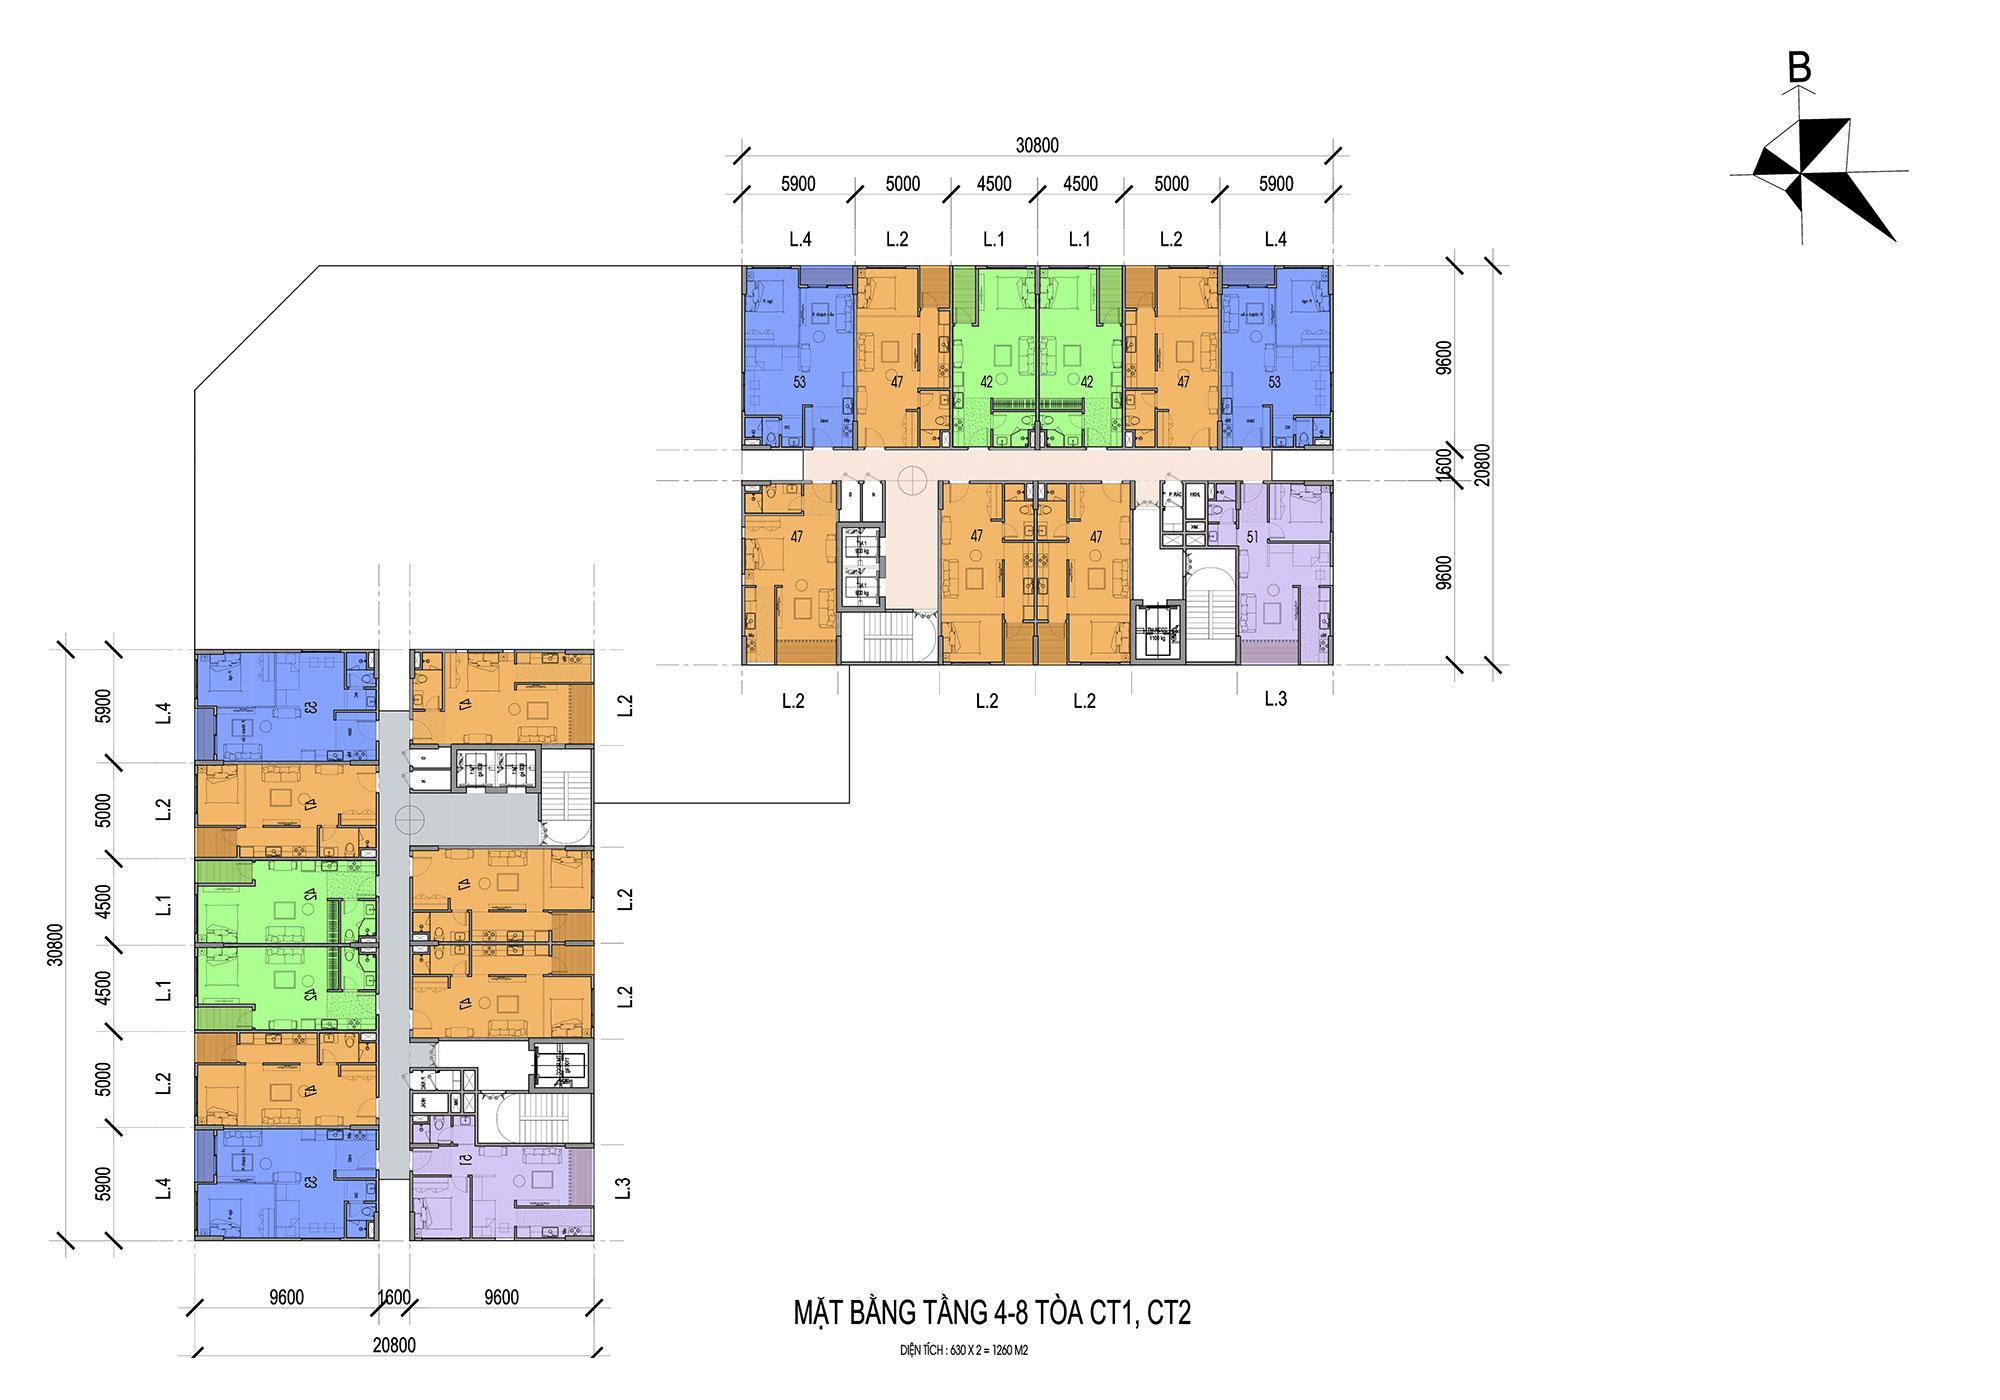 mat-bang-tang-4-8-toa-ct1-ct2-eco-smart-city